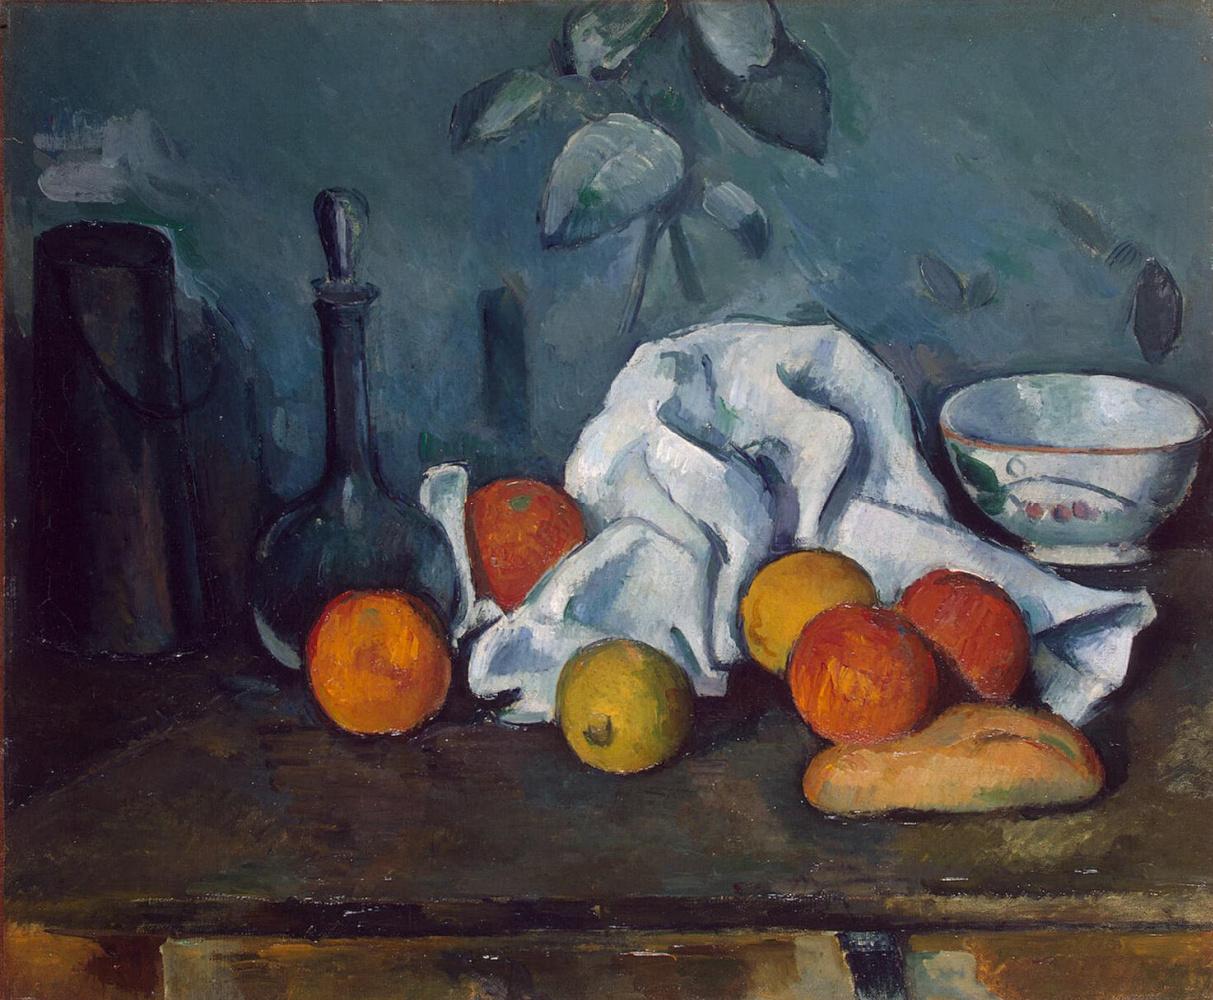 Поль Сезанн. Натюрморт с фруктами